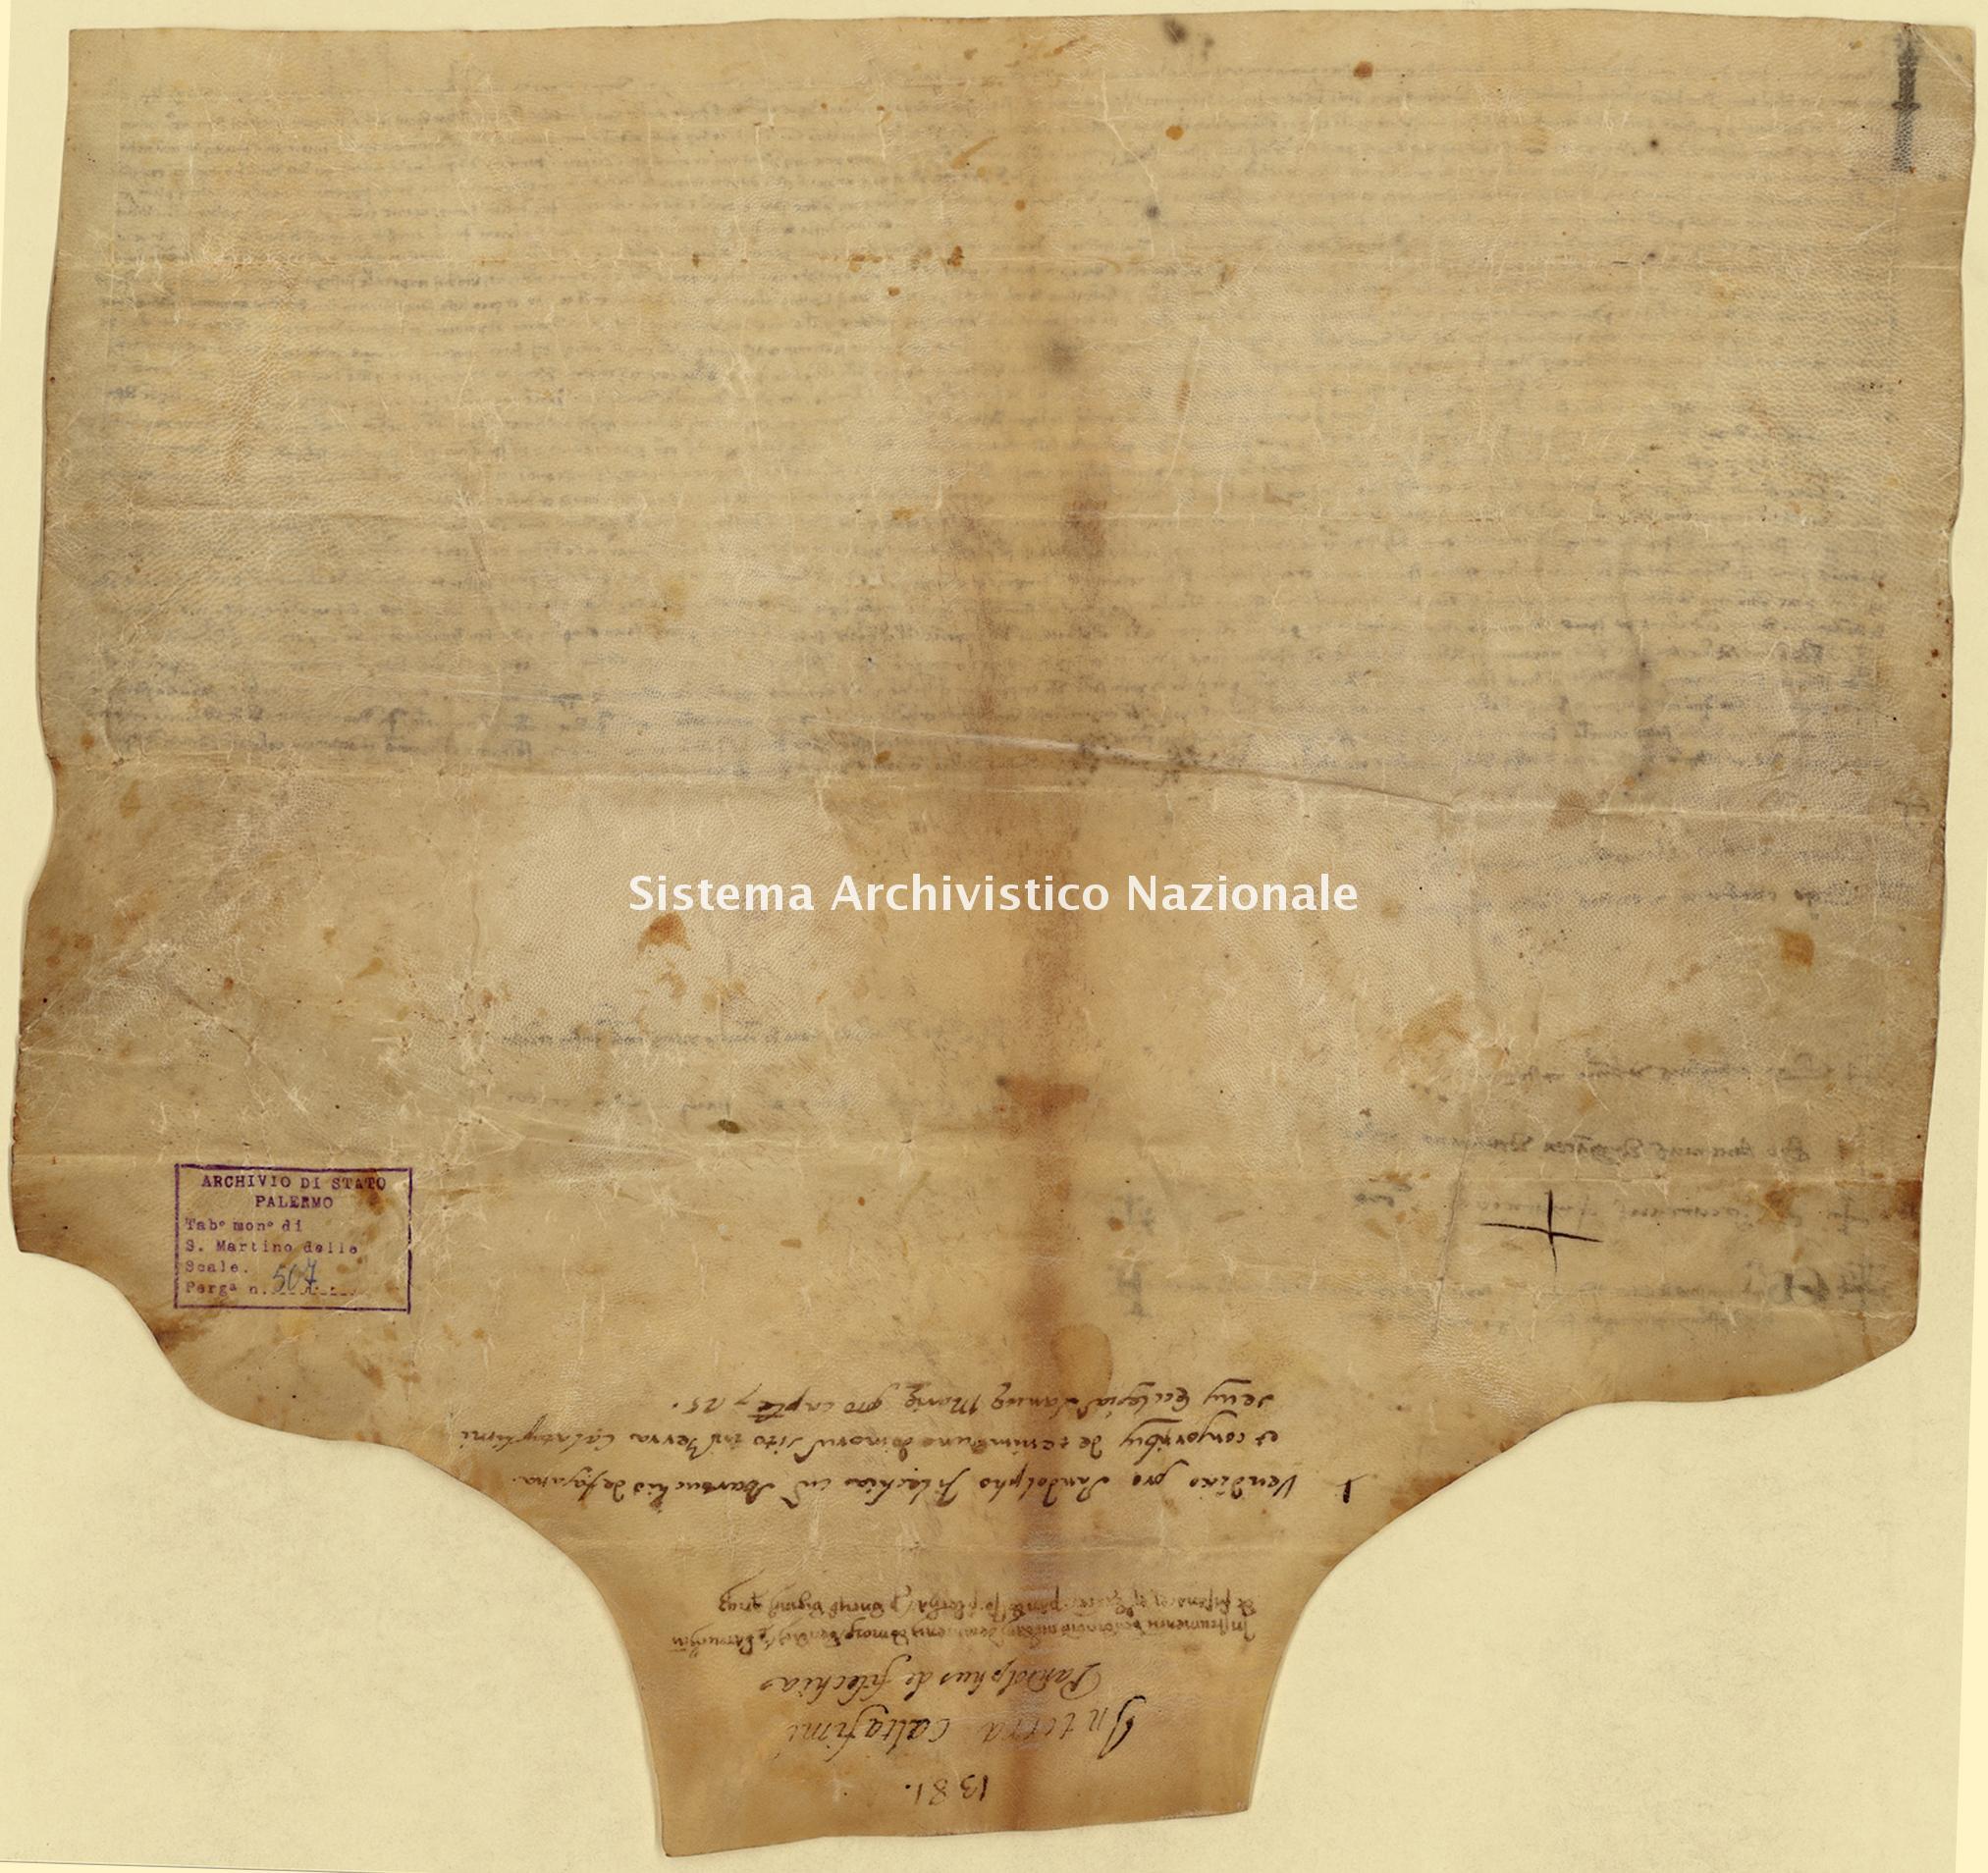 Archivio di Stato di Palermo, Diplomatico, Tabulario del monastero di San Martino delle Scale, Pergamena TSMS 0507